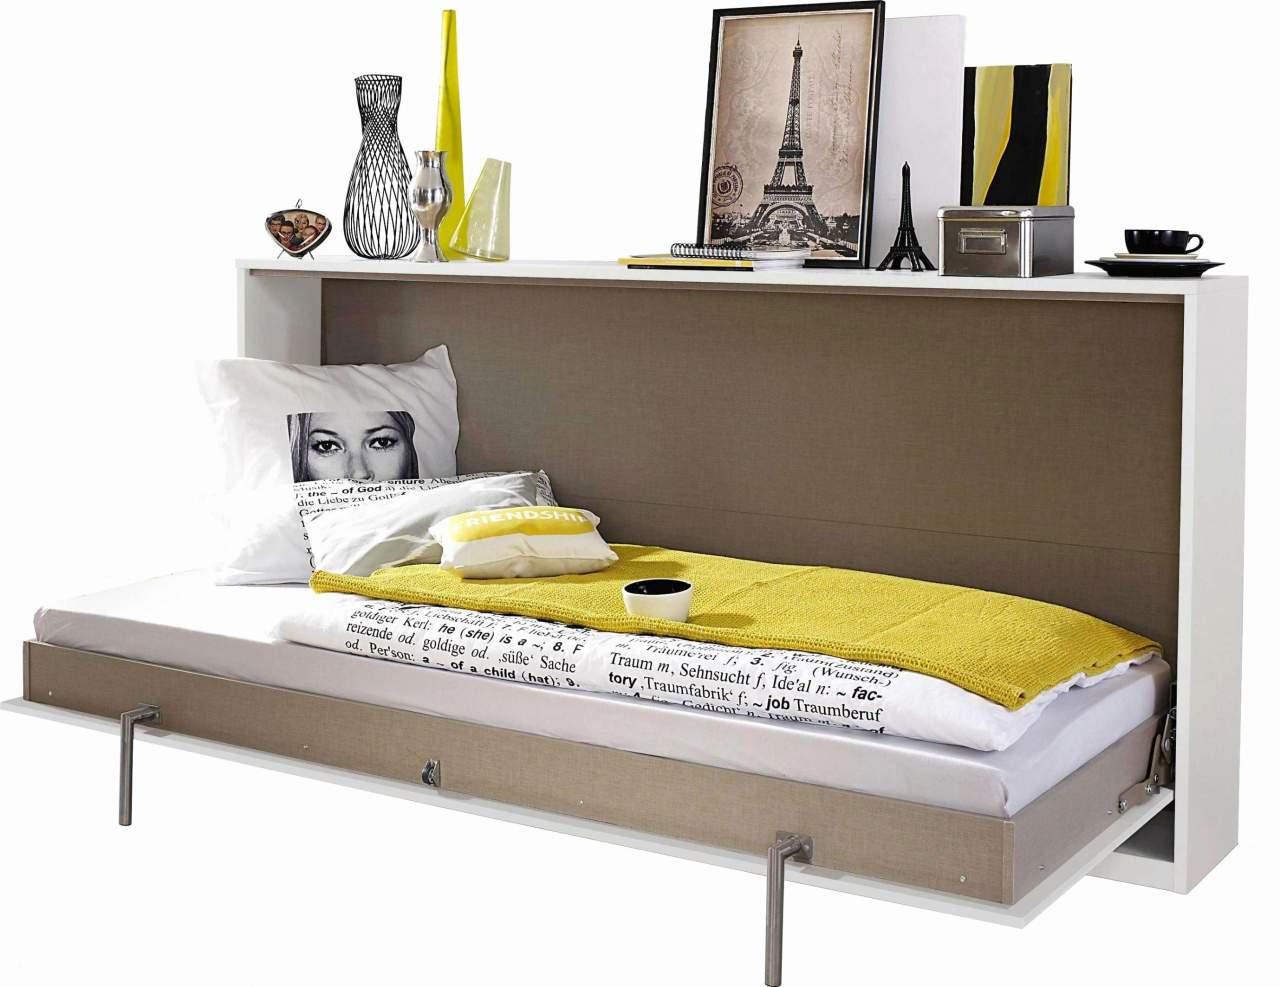 shabby chic bedroom 15 neu shabby chic badmobel bild durch shabby chic bedroom